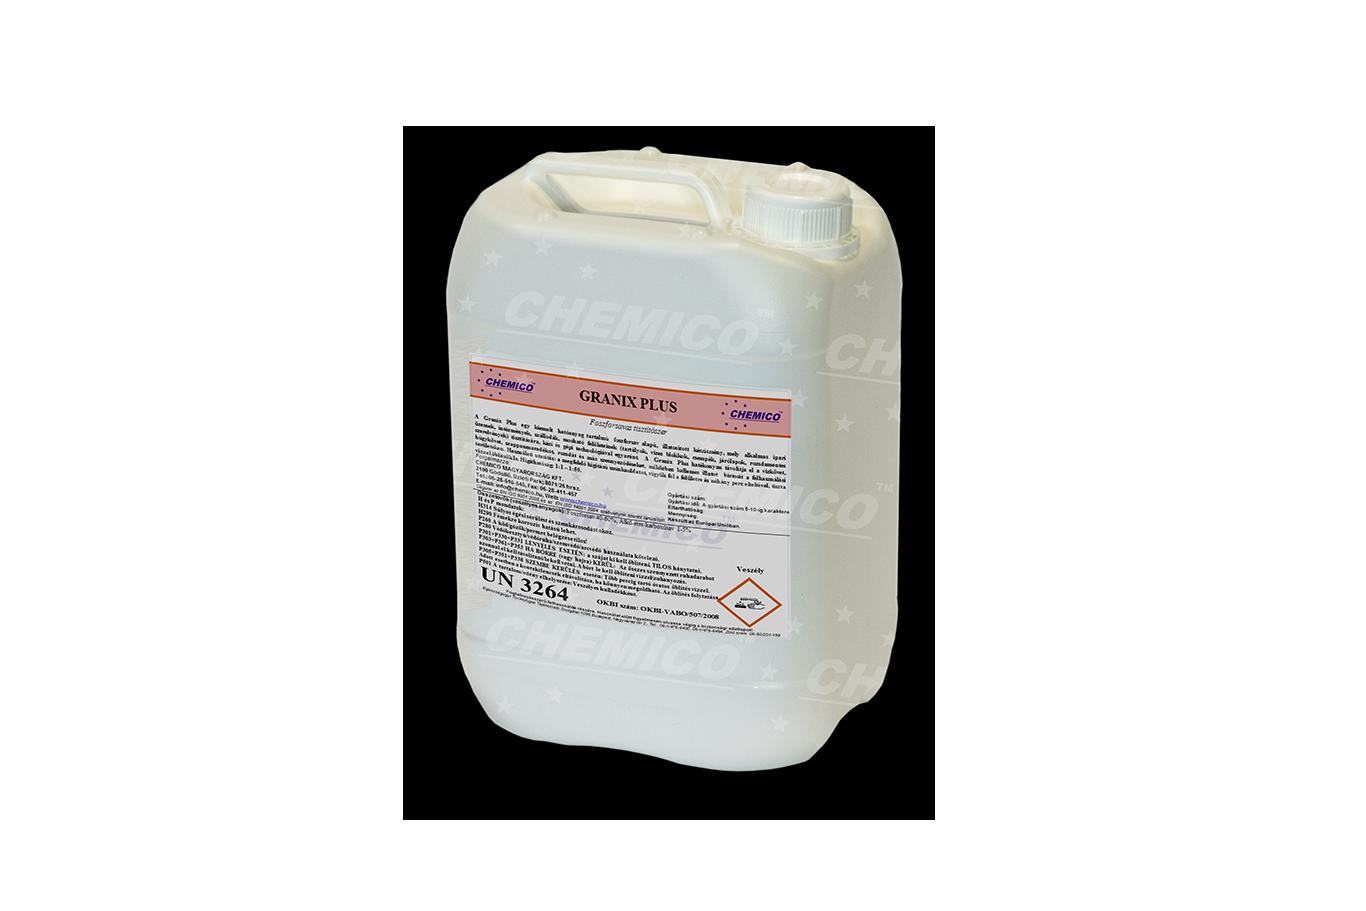 granix-plus-vizkooldo-fertotlenito-savas-foszforsavas-ipari-illatos-chemico-5l